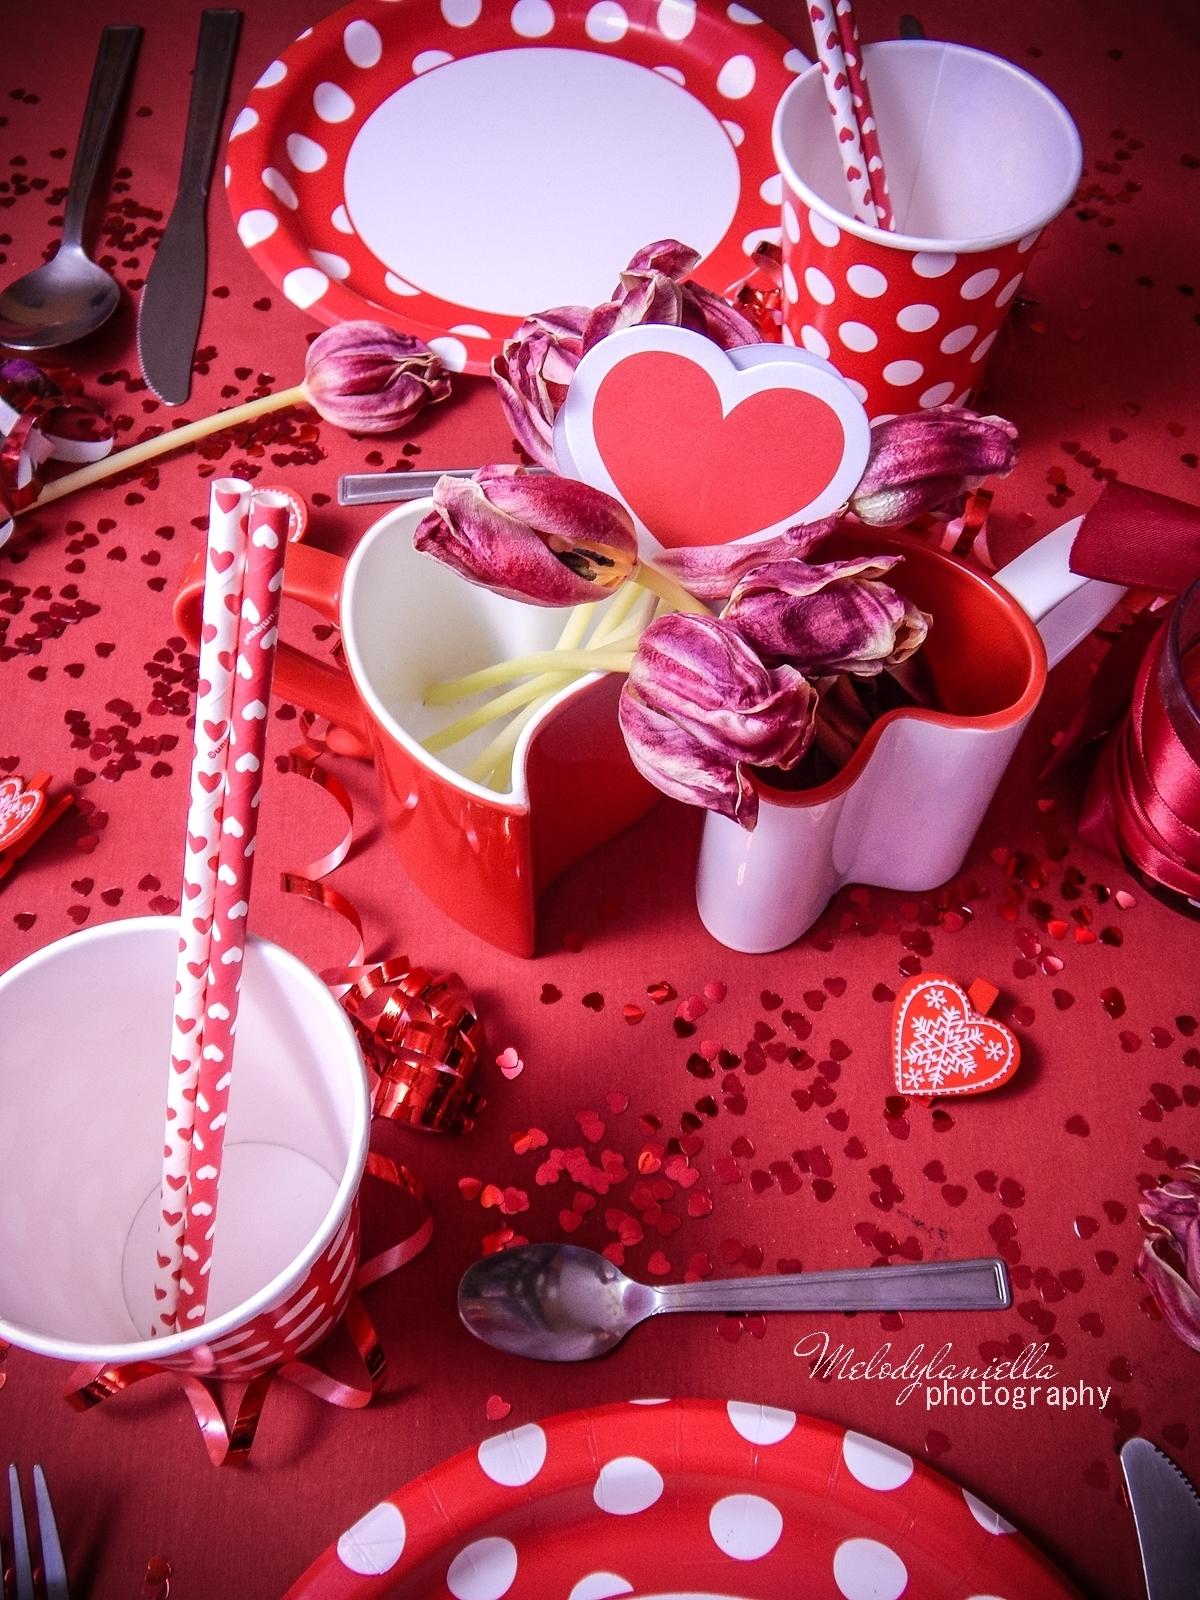 5 jak udekorować stół na walentynki walentynkowa kolacja pomysły na walentynkowe prezenty walentynkowe dekoracje home interior valentines blog melodylaniella partybox red valentines dinner